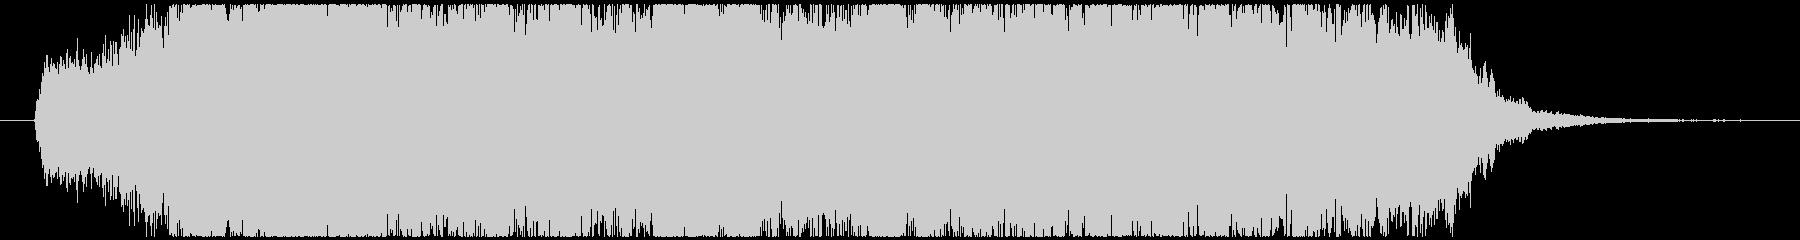 華やかなオケによるオープニングジングルの未再生の波形